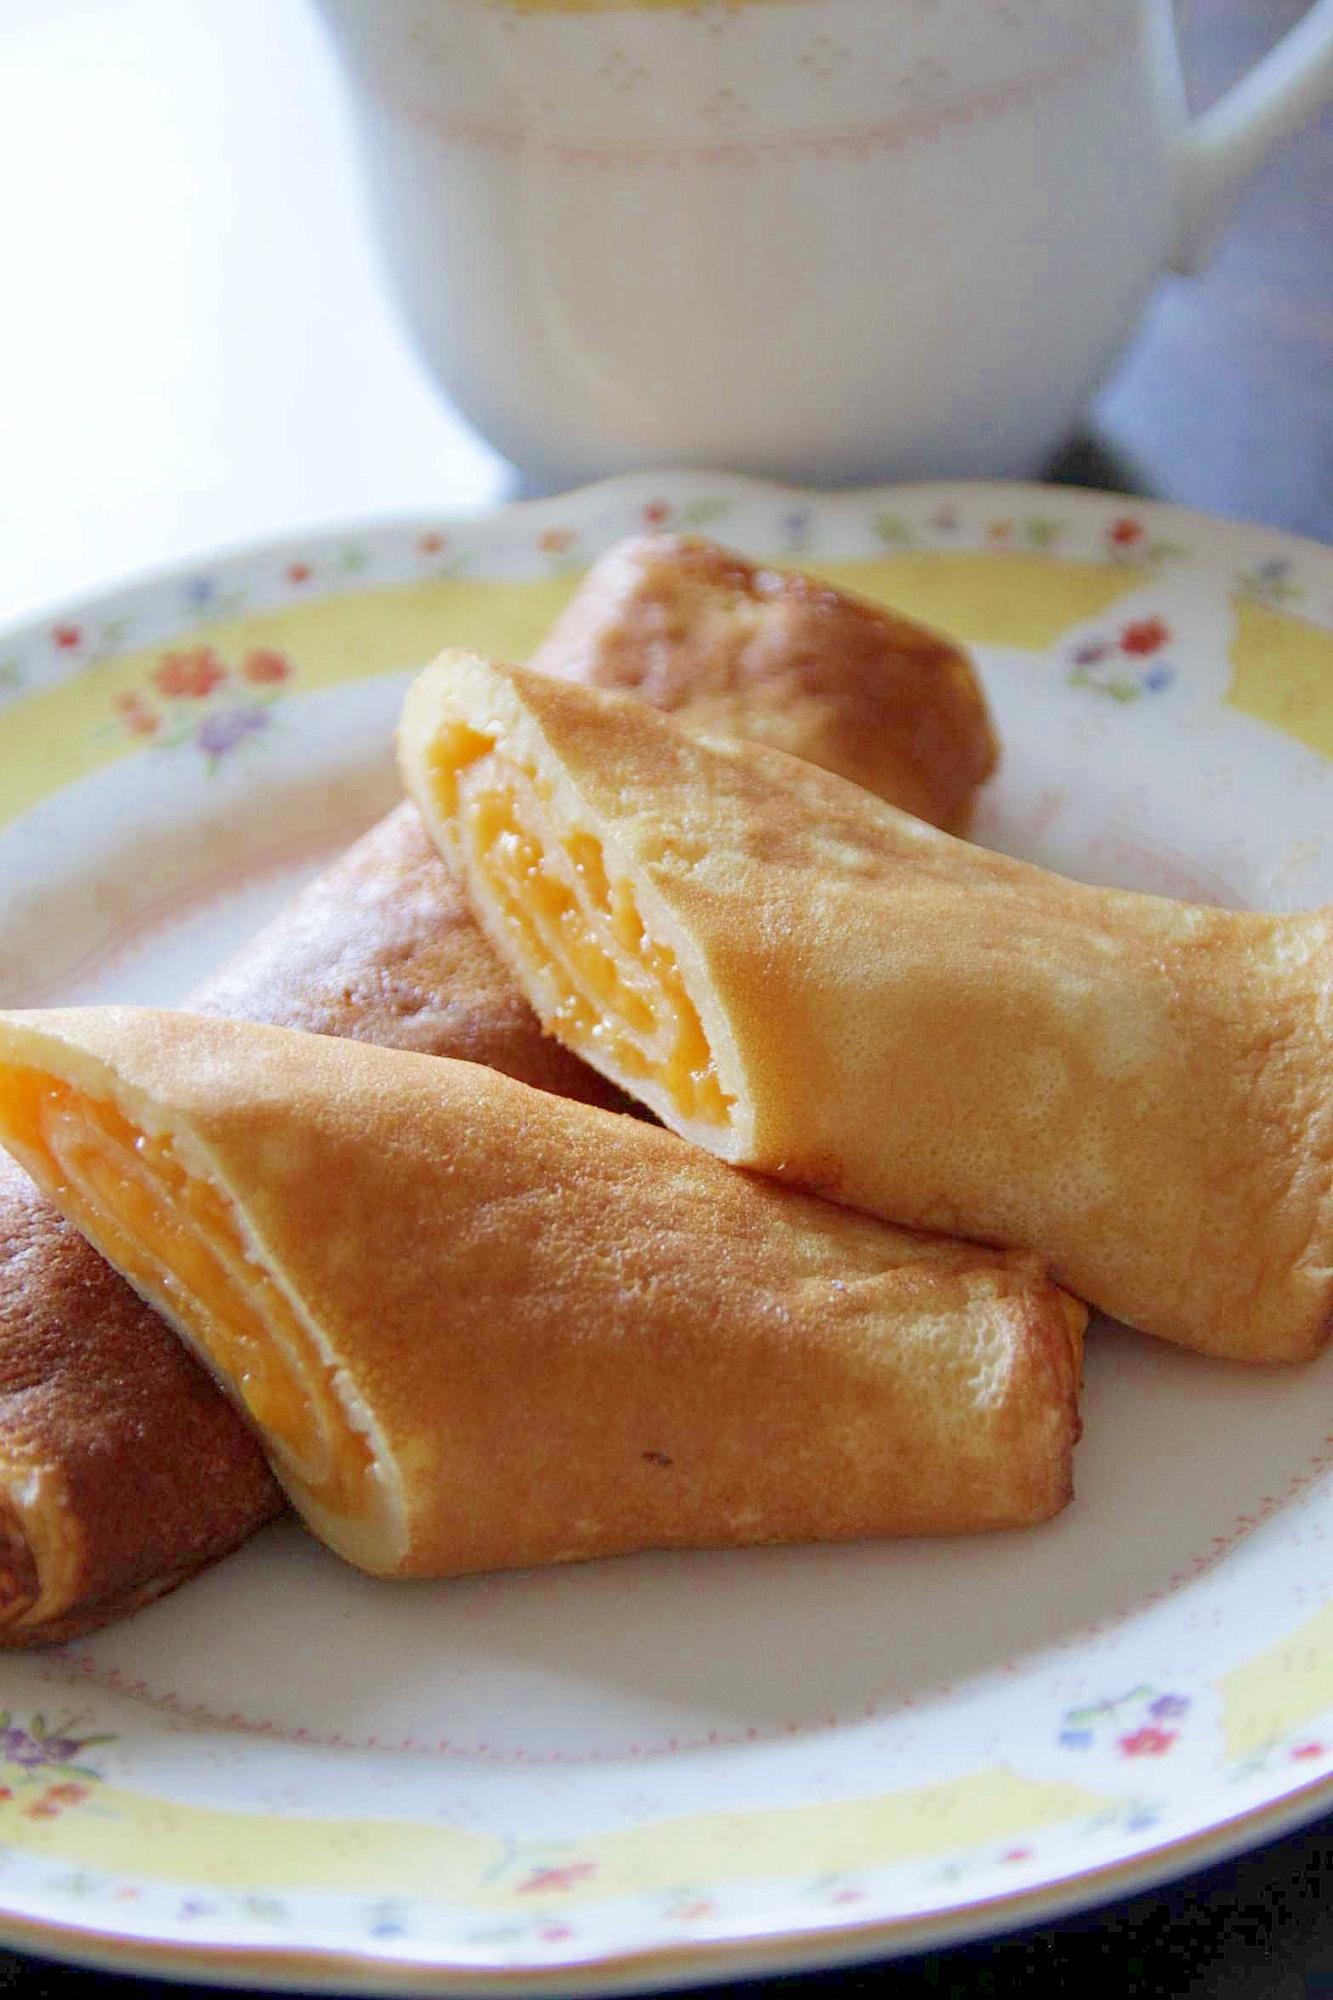 ホットケーキミックスを使って簡単『チーズドッグ』 レシピ・作り方 by ひで |楽天レシピ